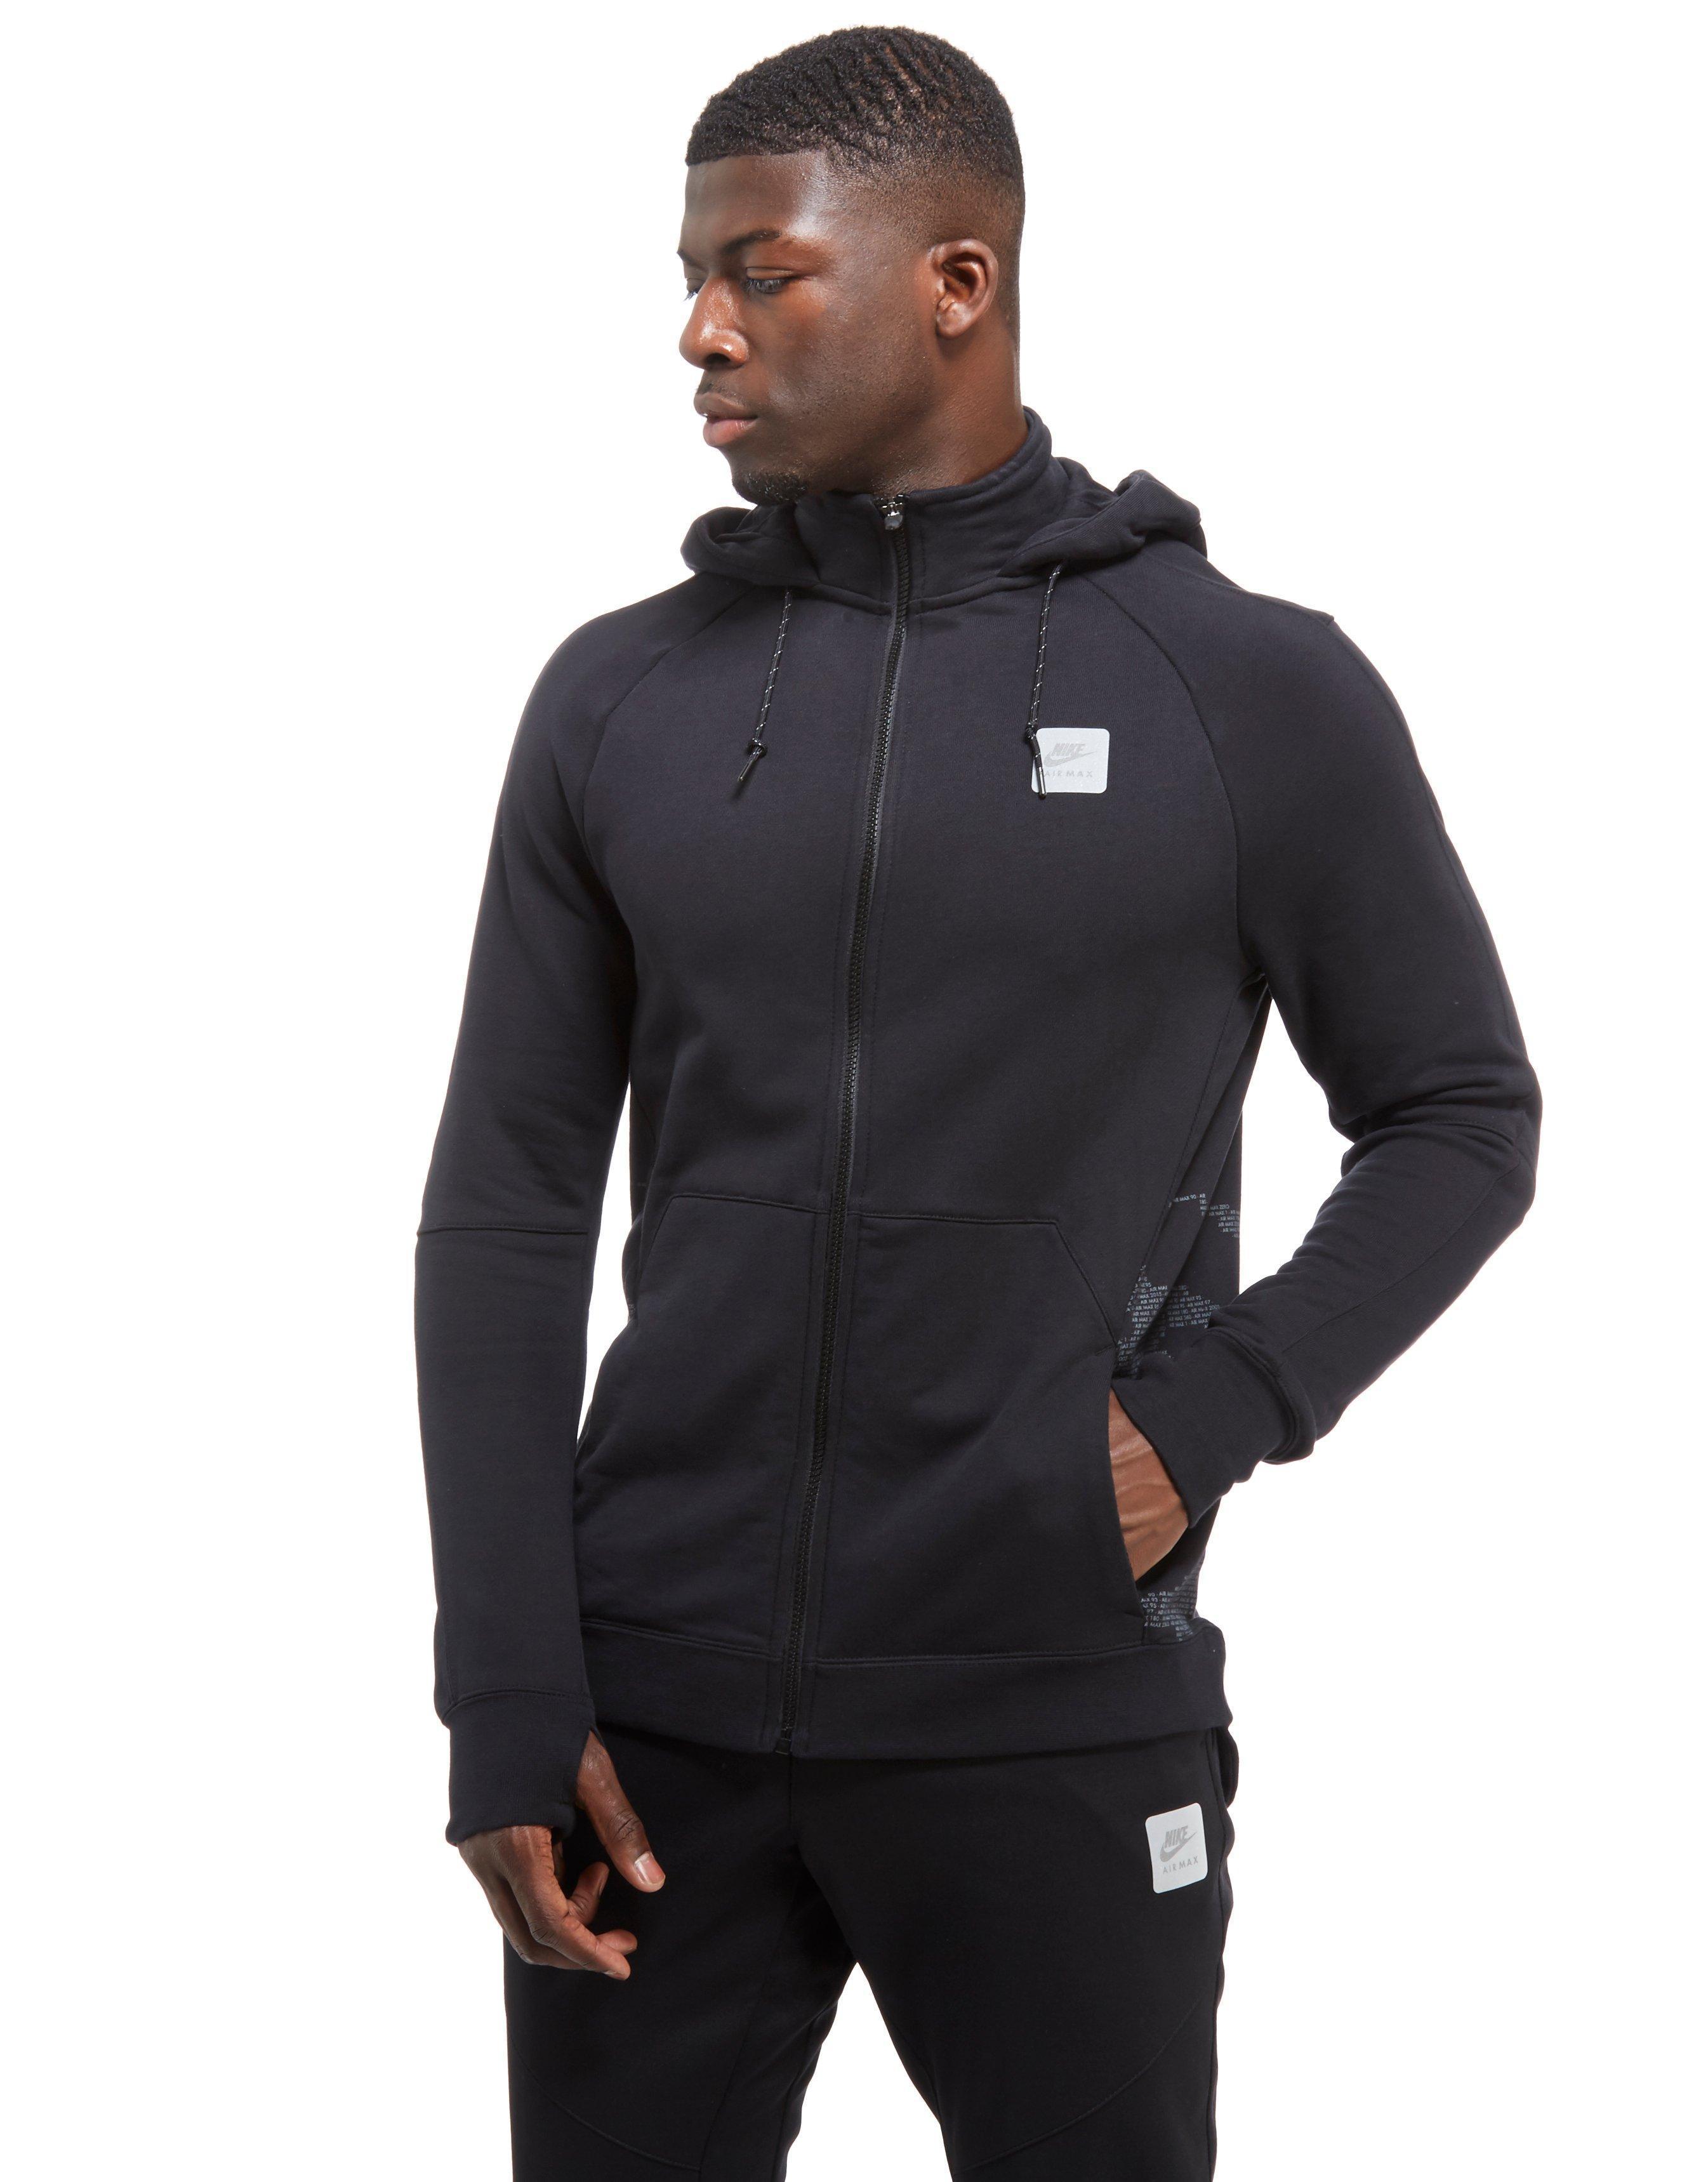 Men's Black Air Max Ft Full Zip Hoody